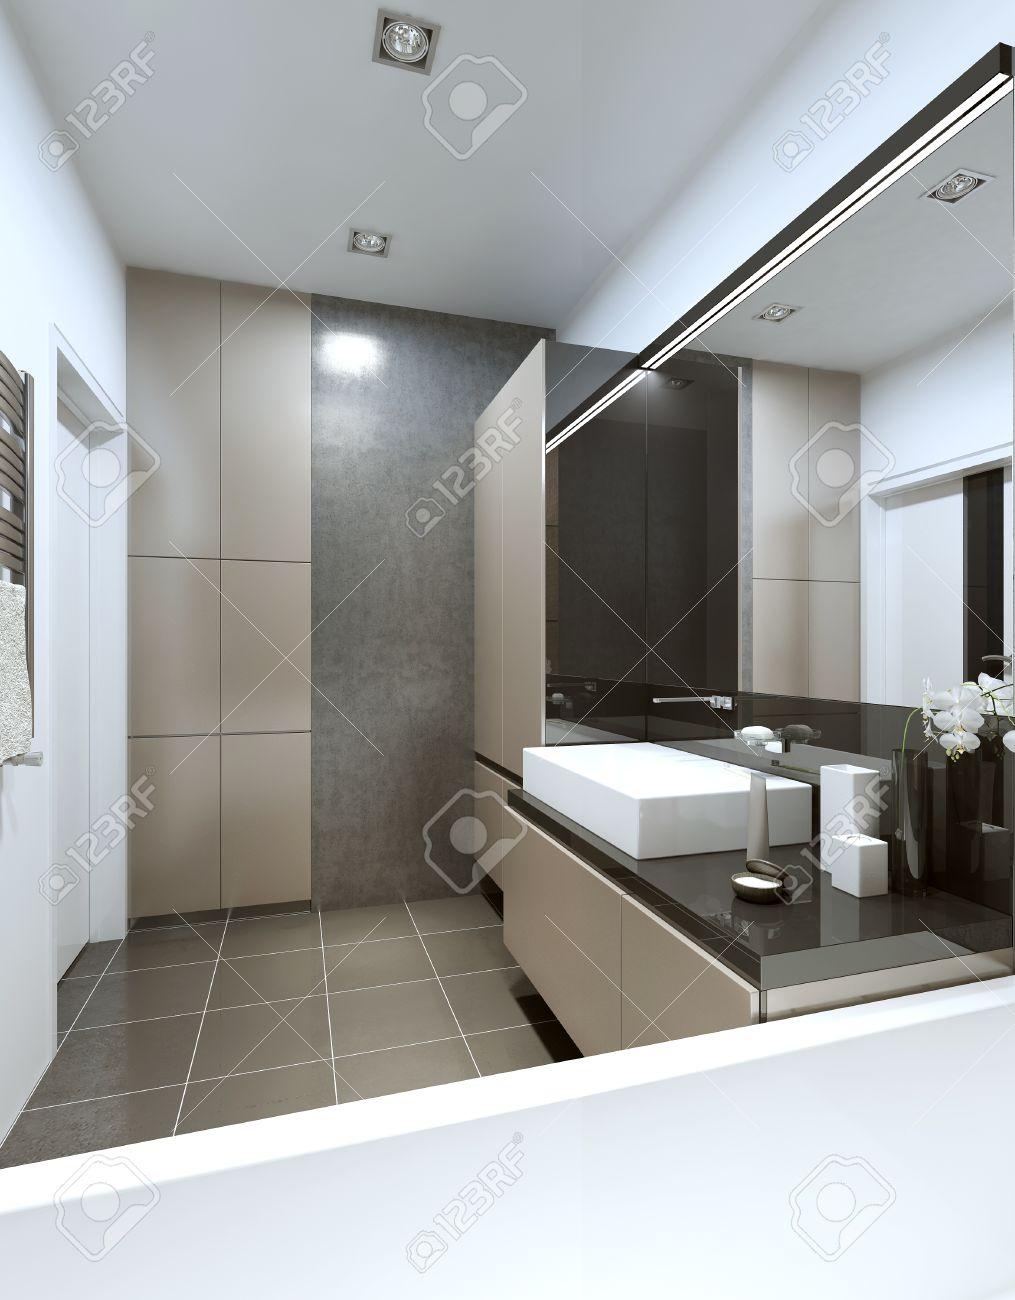 Salle de bains moderne avec beige et mobilier gris et un plancher en béton  et les murs. Rendu 3D.